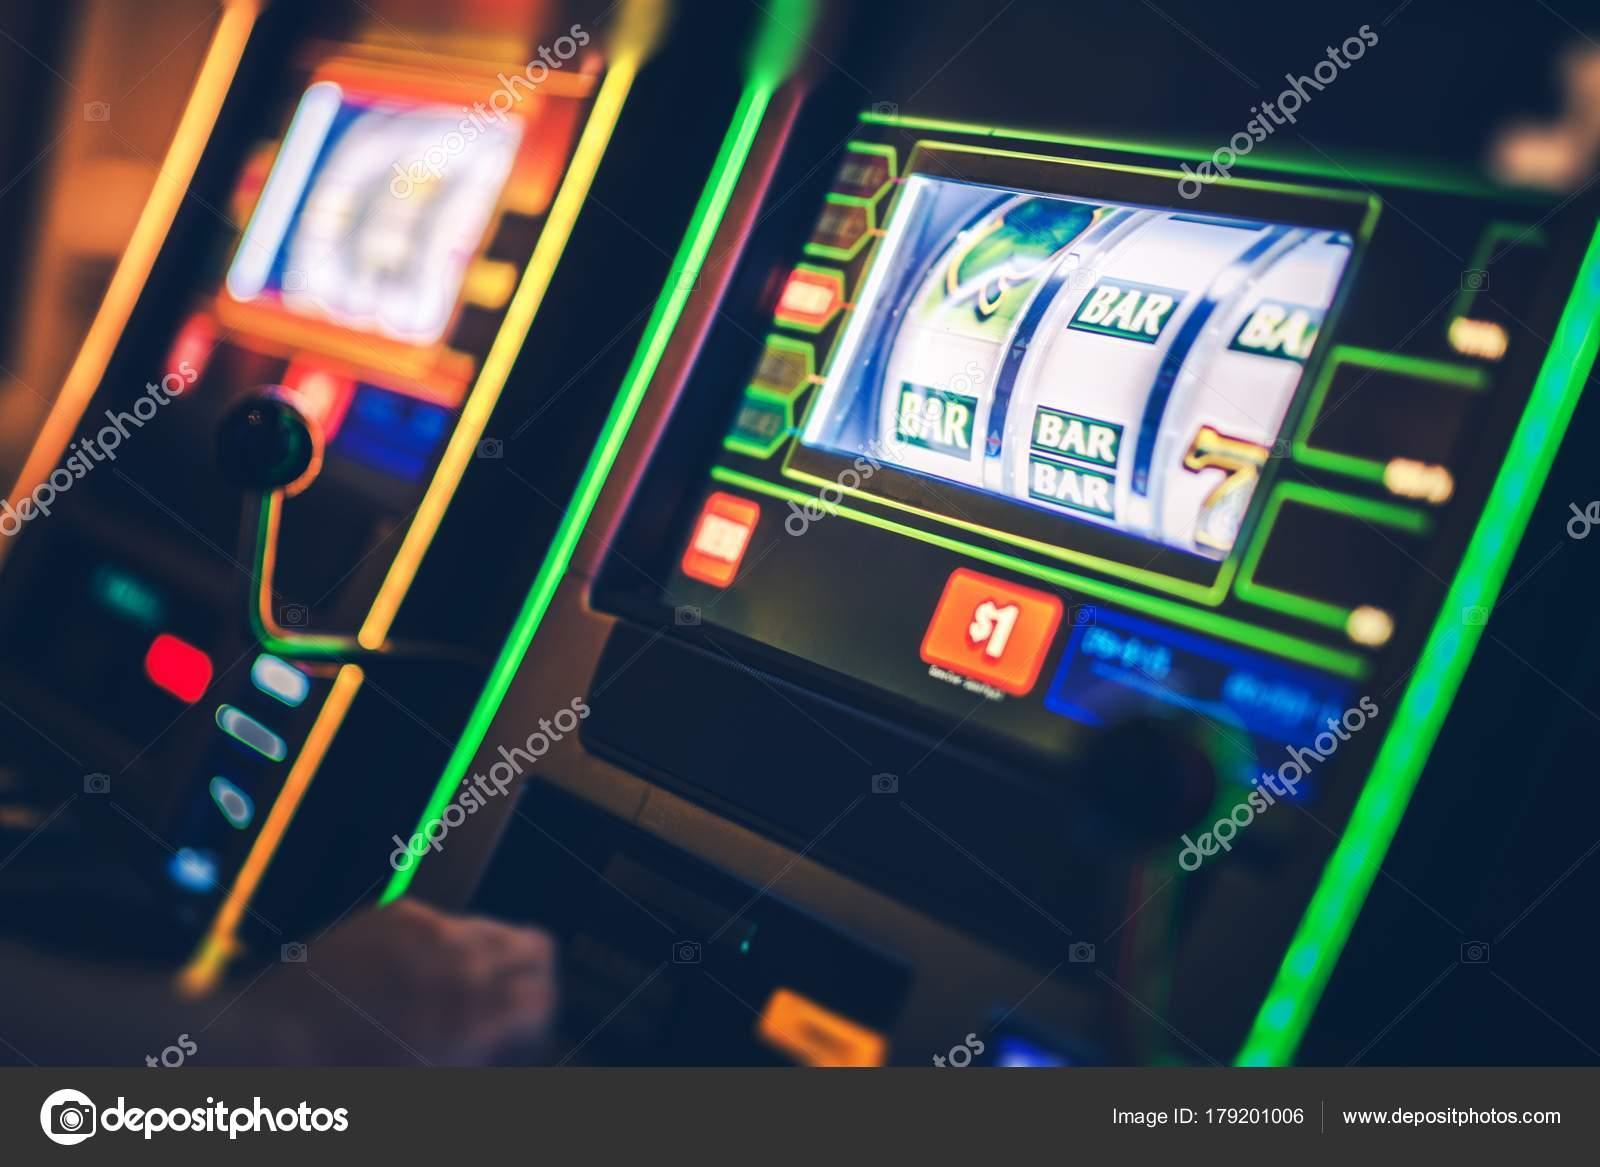 Crystal play казино онлайн